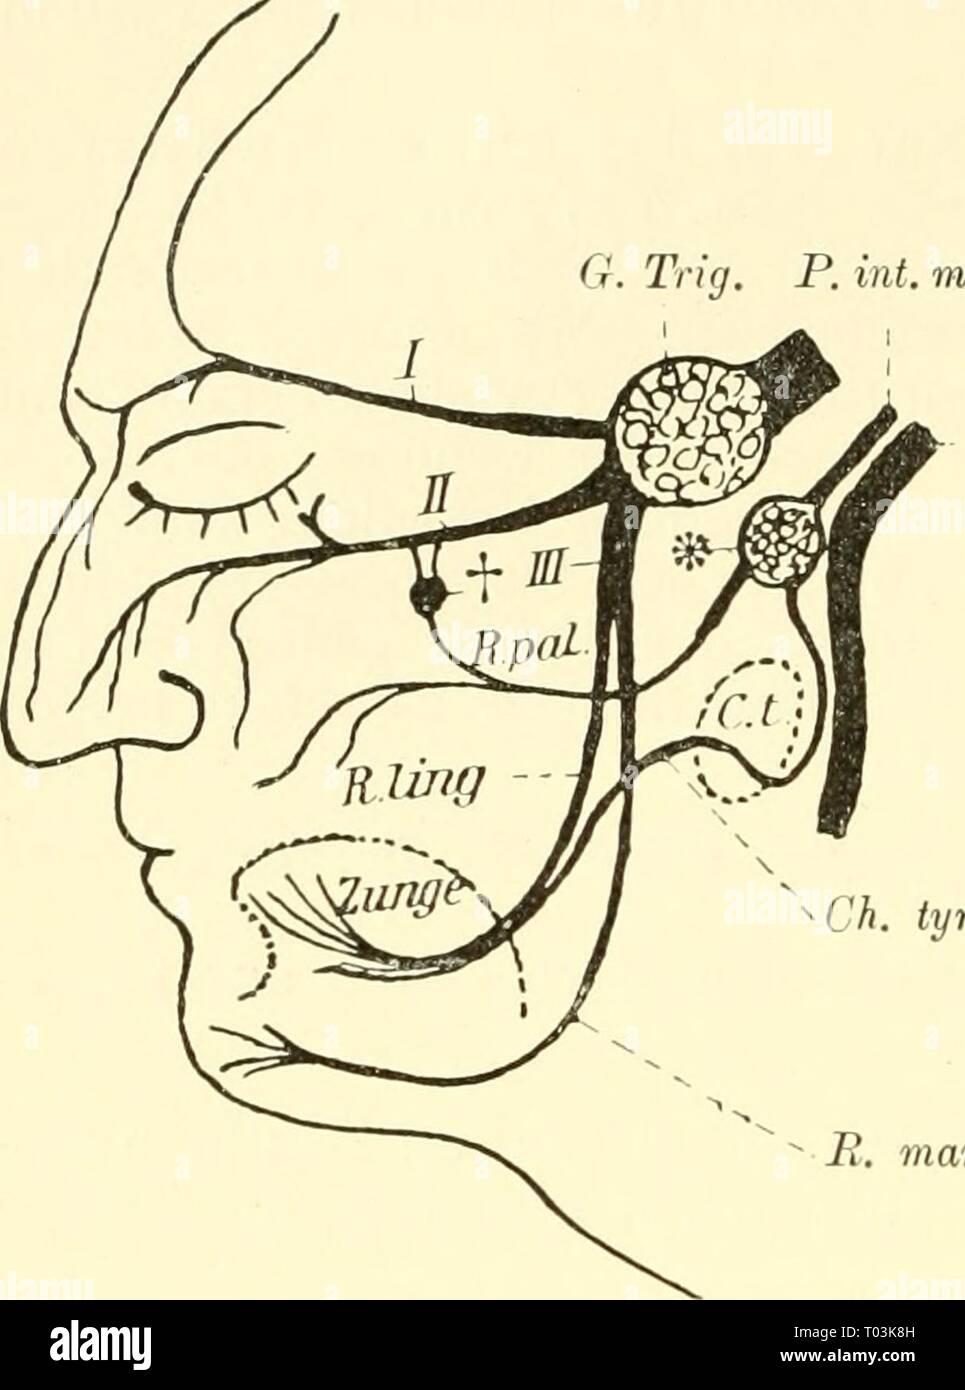 Einführung in die vergleichende Anatomie der Wirbeltiere, für Studierende . einfhrungindie00wied Year: 1907  218 Gehirnnerven,    VII IL Aus einem R. palatinus^), welcher mit dem R. maxillaris trigemini V^erbindungen eingehen kann, an der Gamnenschleira- haut sich verbreitet, und zweitens aus der Chorda tympani. Dieser Nerv, welcher einem R. post- trematicus der Kiemen- bogennerven (s. diese) ent- spricht, verläuft dicht an der medialen Seite des Un- P. mot terkiefers und begibt sich VII dann zur Rachen-, bezw. Mundschleimhaut. (Vorde- rer Bezirk des Mundhöhlen- bodens ^). Beide Nerven, we Stock Photo